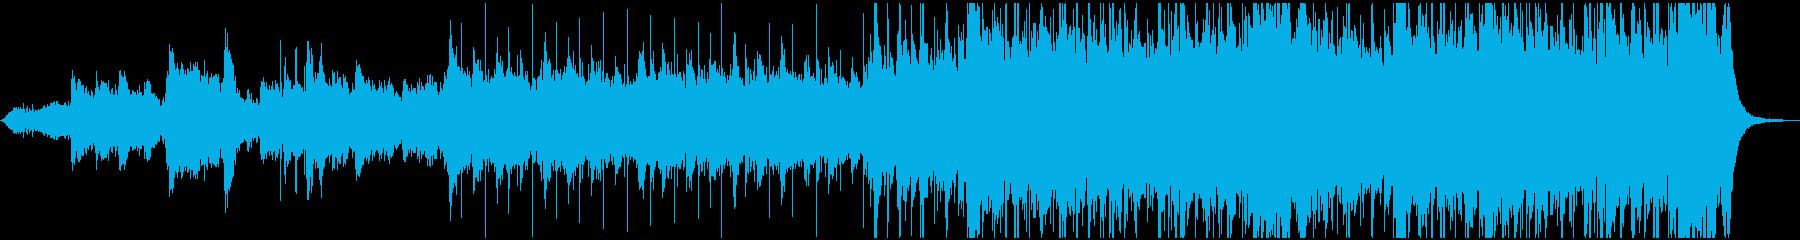 カッコイイ宇宙系クロスオーバーの再生済みの波形